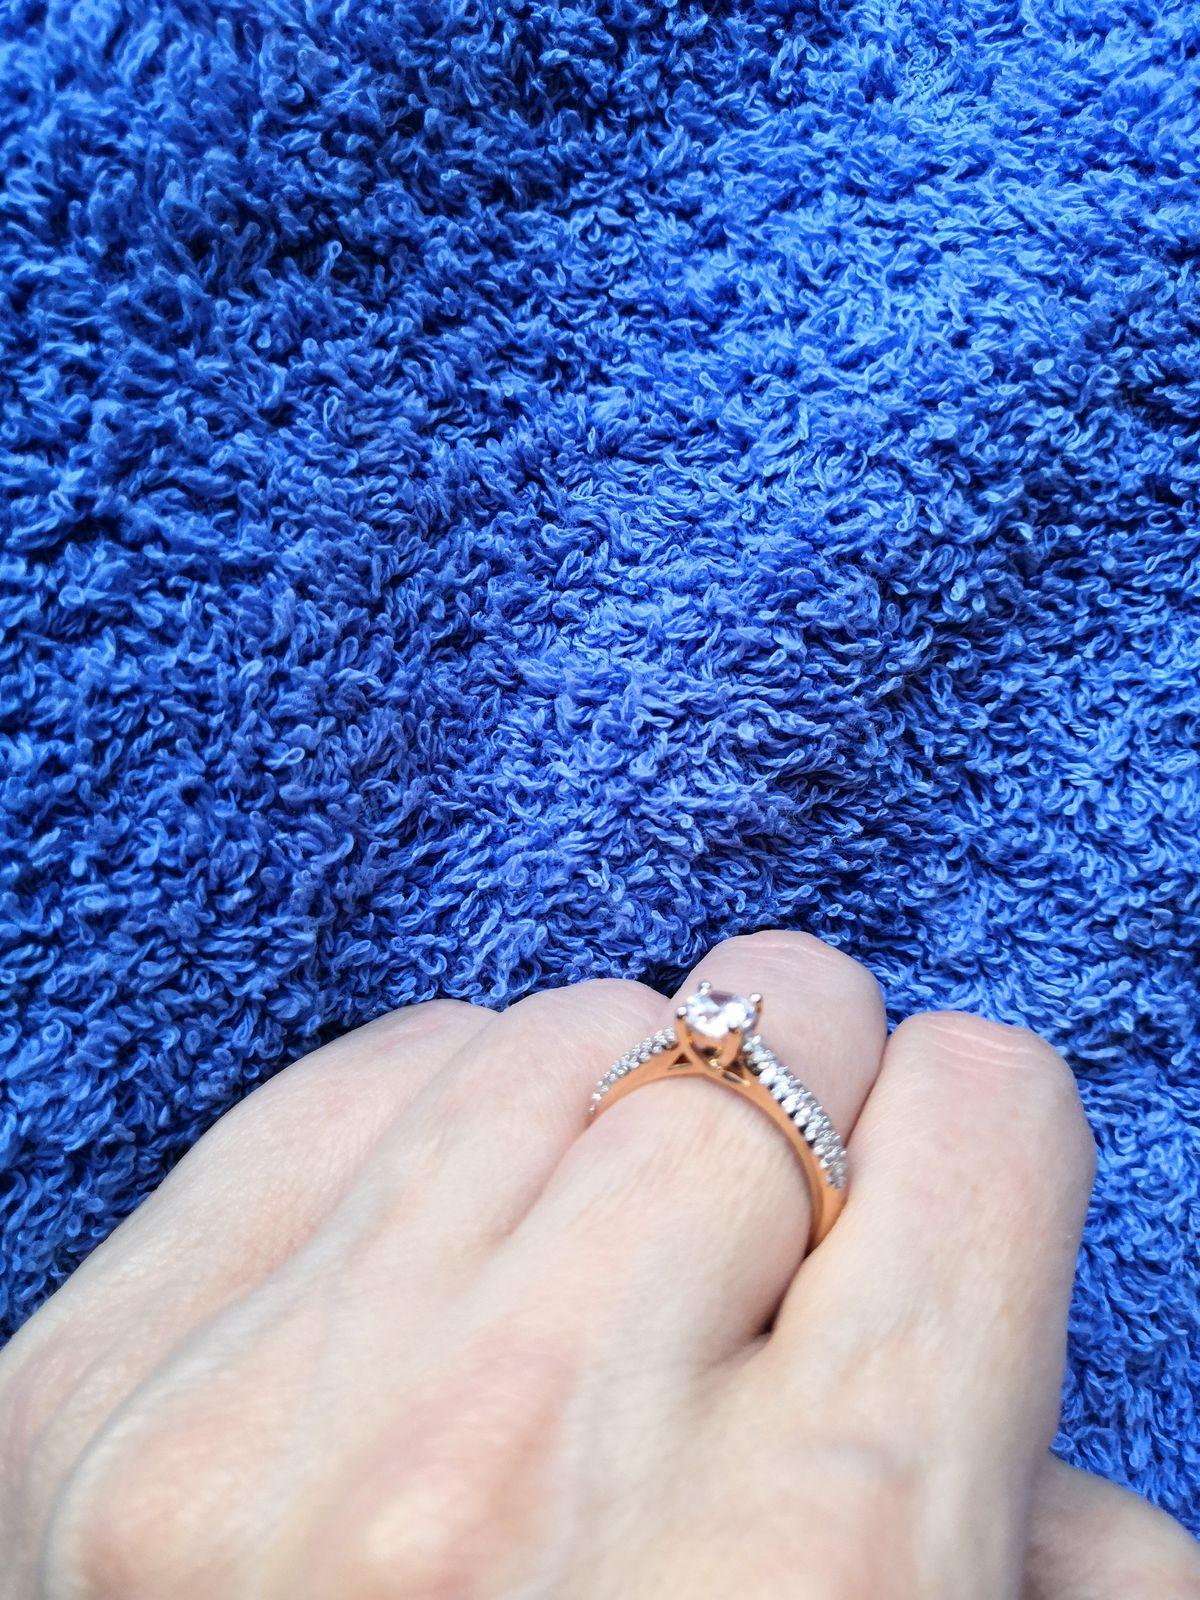 Моё прекрасное новое кольцо